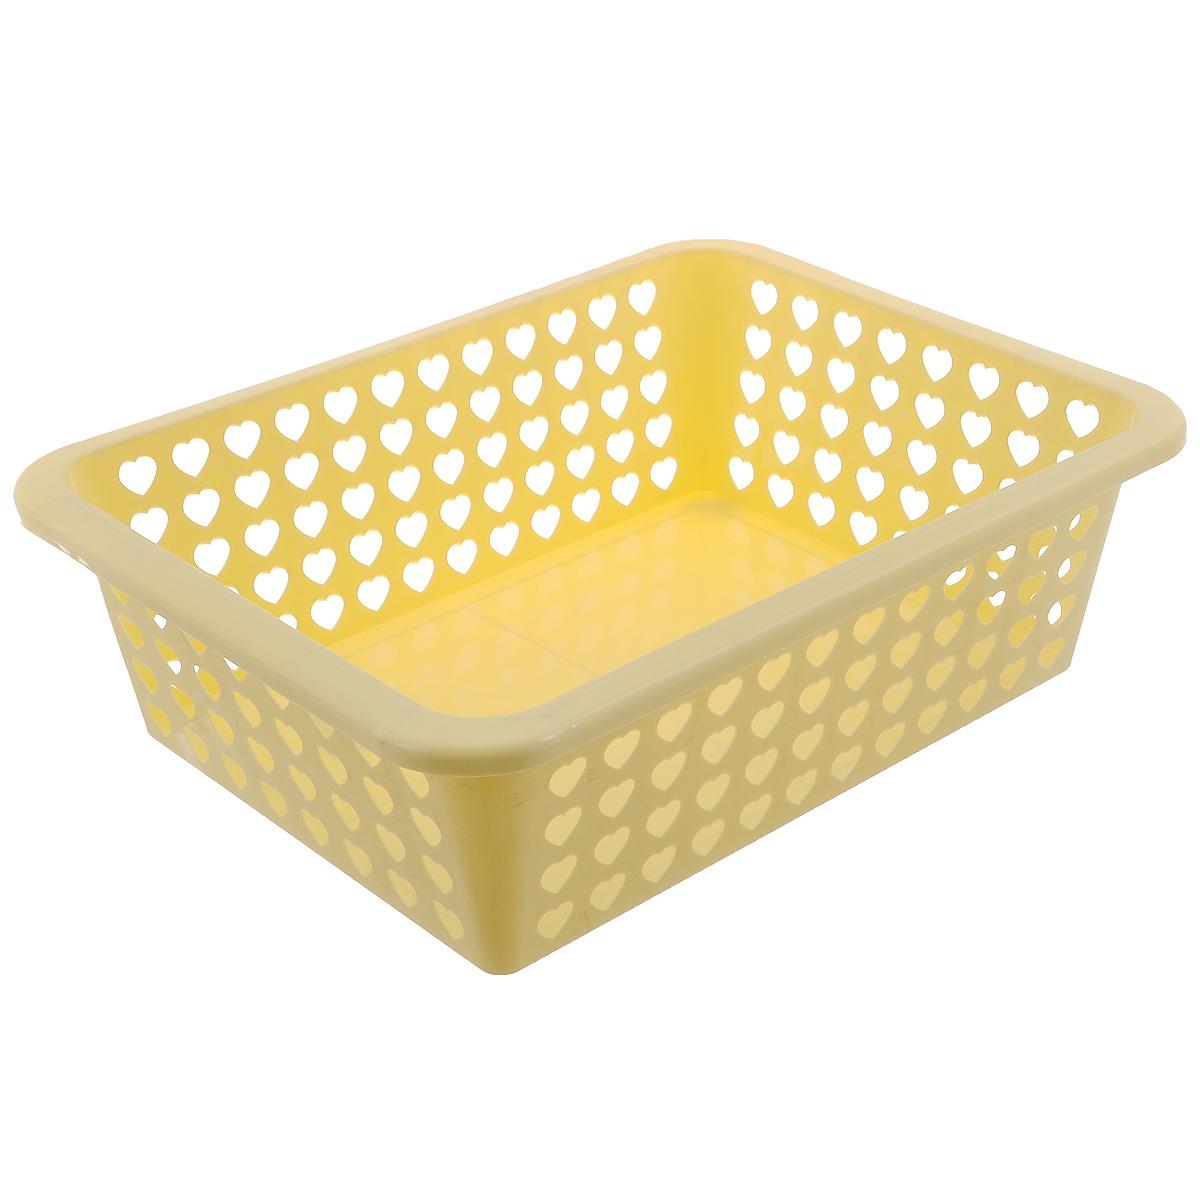 Корзина Альтернатива Вдохновение, цвет: желтый, 39,5 х 29,7 х 12 смPR-2WКорзина Альтернатива Вдохновение выполнена из пластика и оформлена перфорацией в виде сердечек. Изделие имеет сплошное дно и жесткую кромку. Корзина предназначена для хранения мелочей в ванной, на кухне, на даче или в гараже. Позволяет хранить мелкие вещи, исключая возможность их потери.